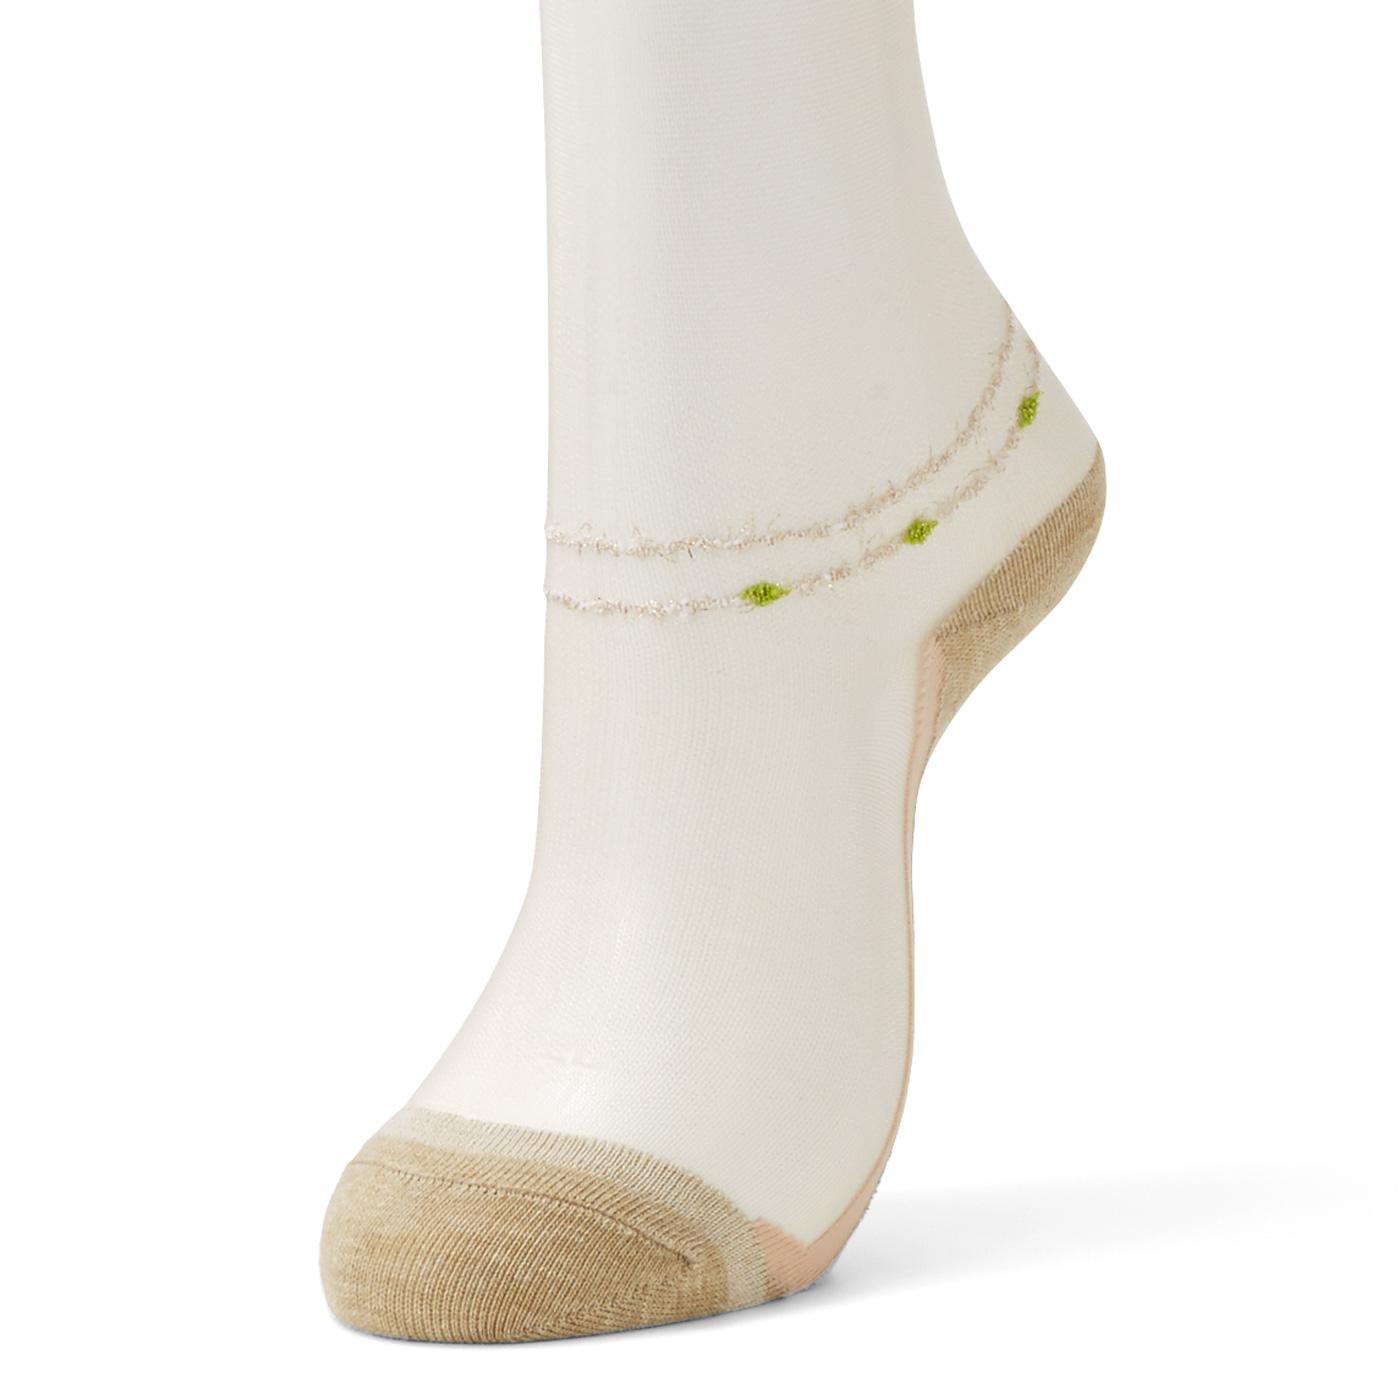 足首には、まるでアンクレットを付けているかのような刺しゅうが入っています。